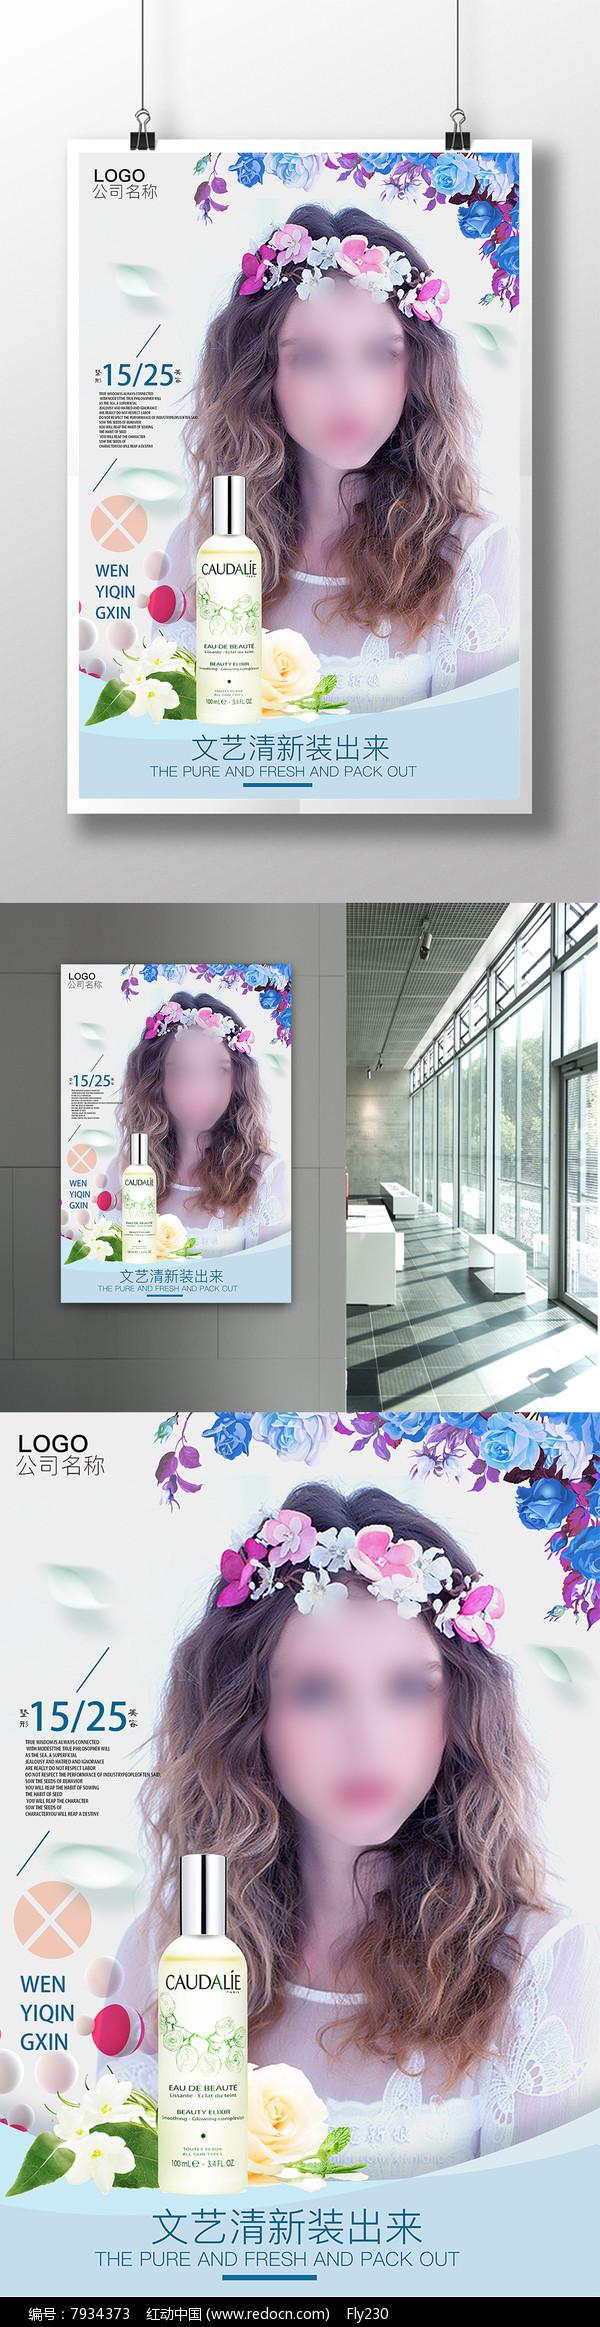 小清美容促销海报设计模板图片